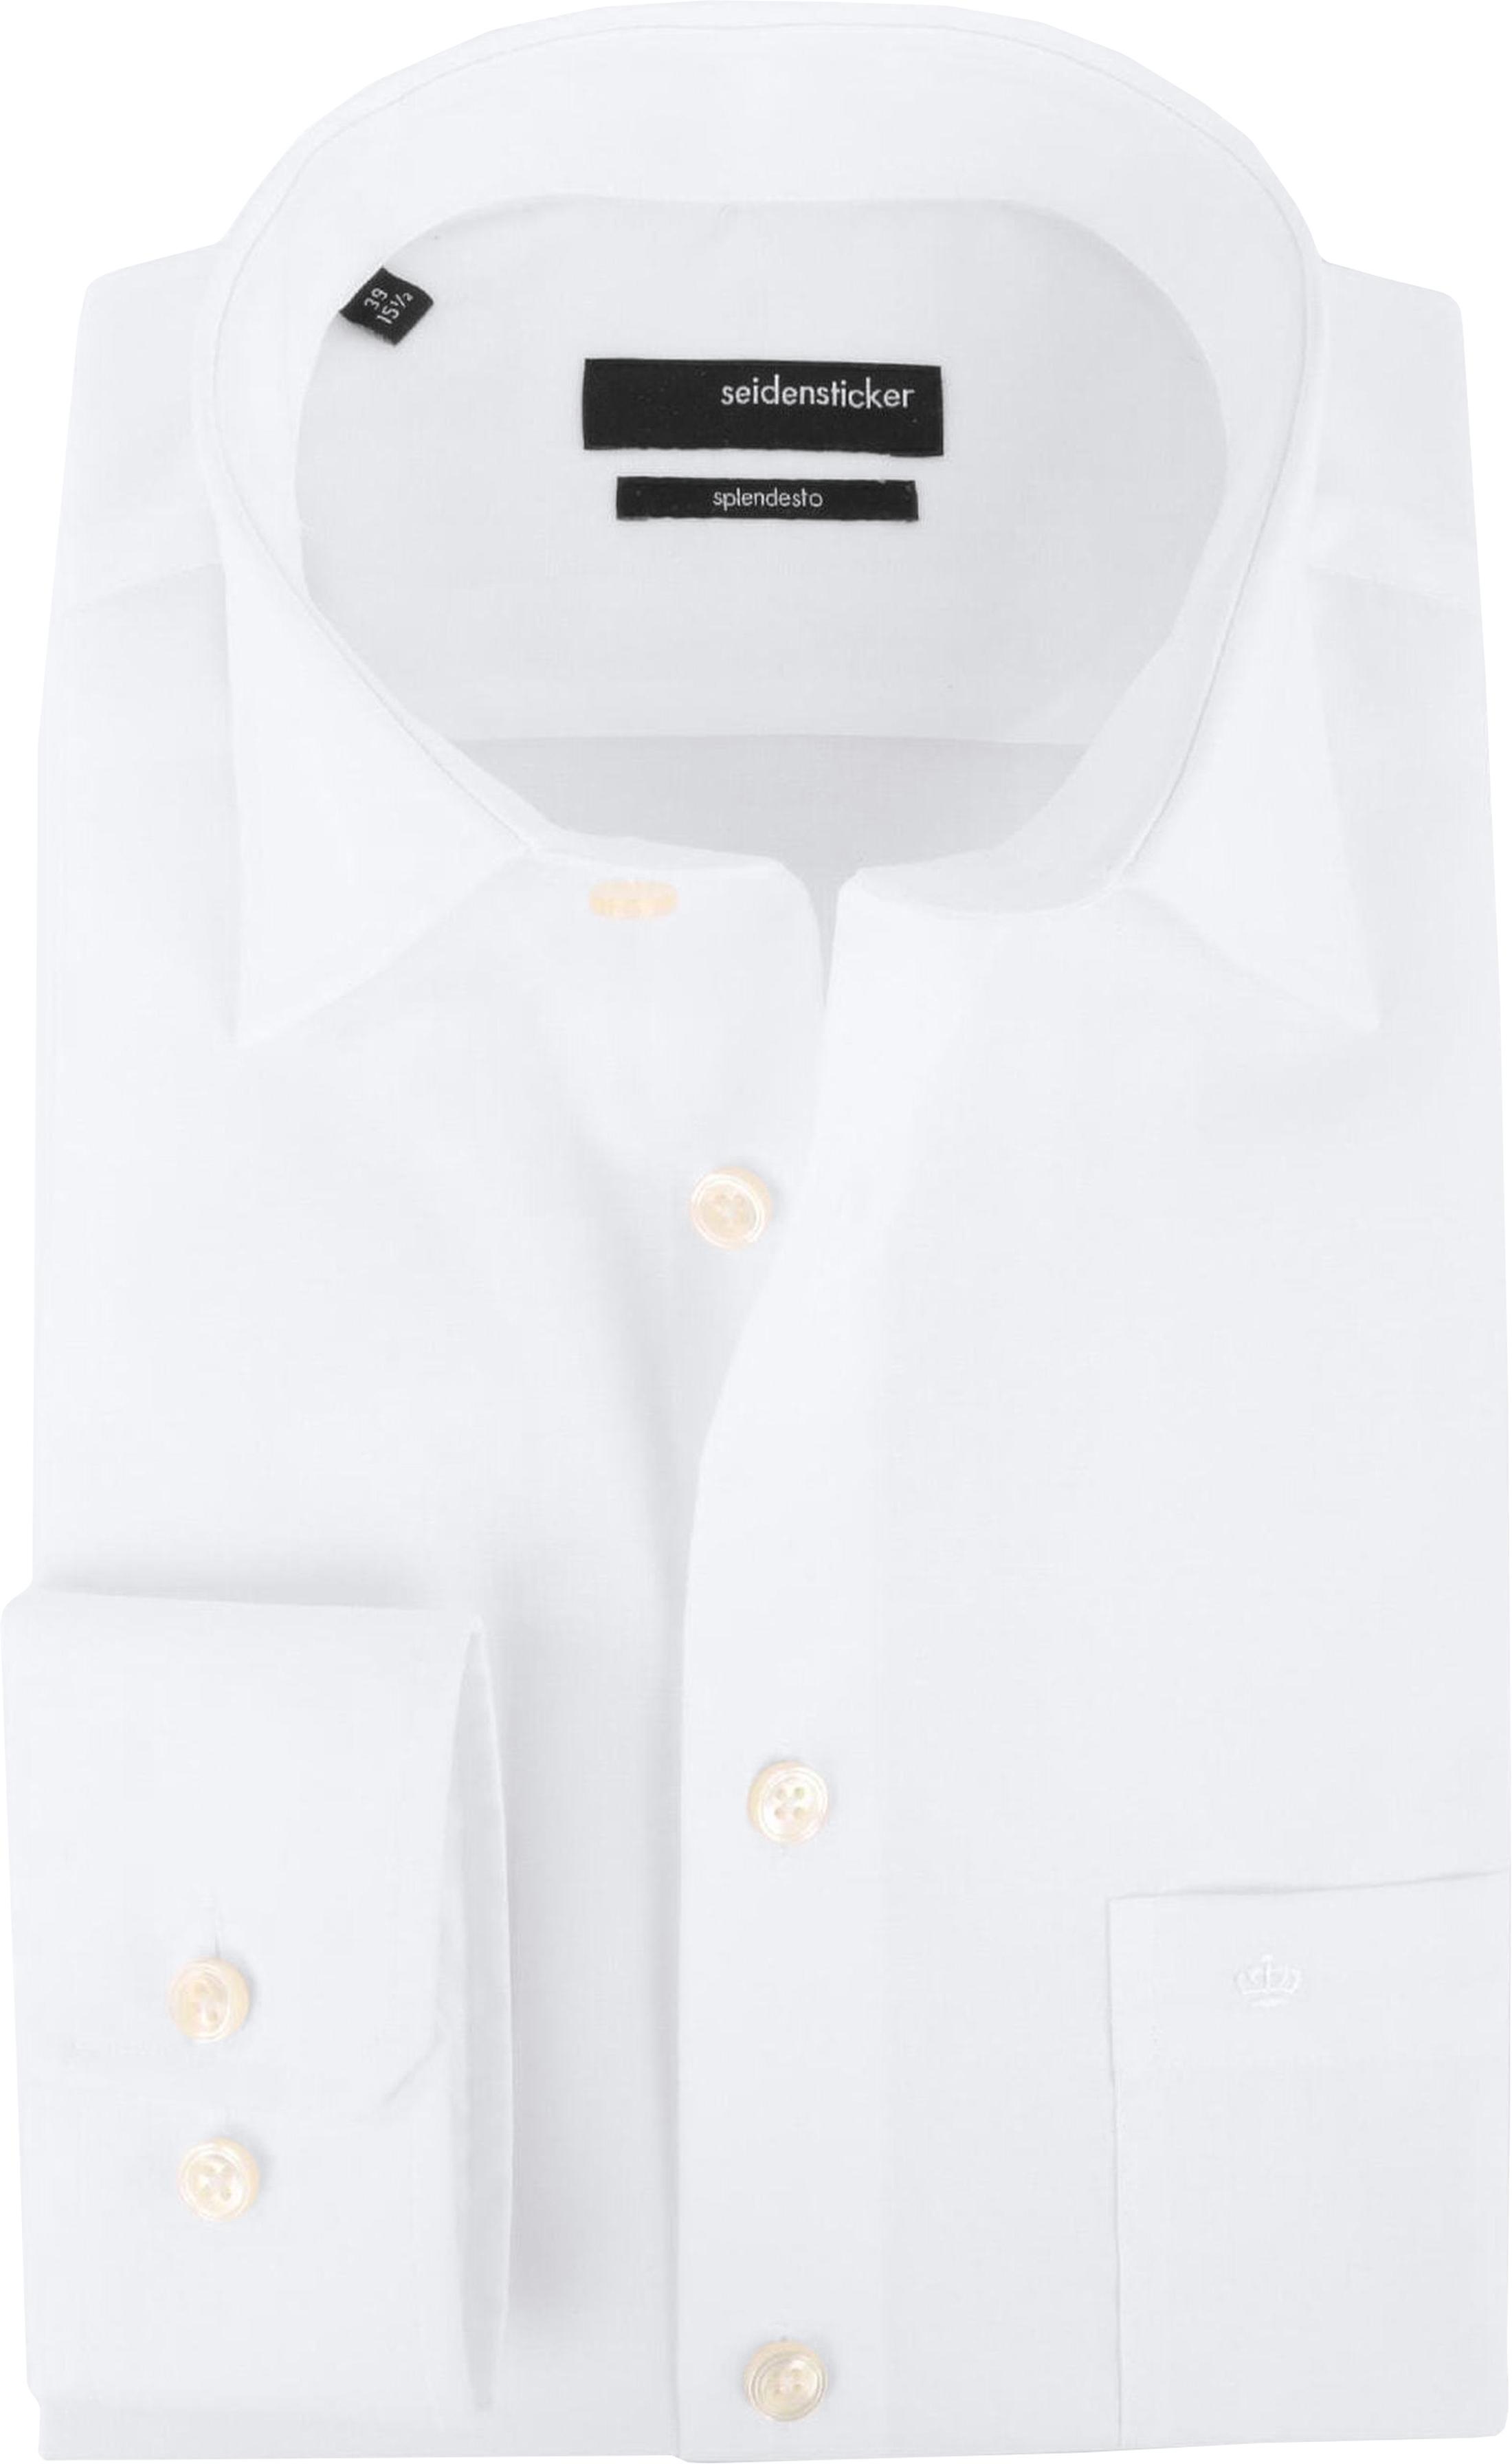 Seidensticker Splendesto Hemd Wit